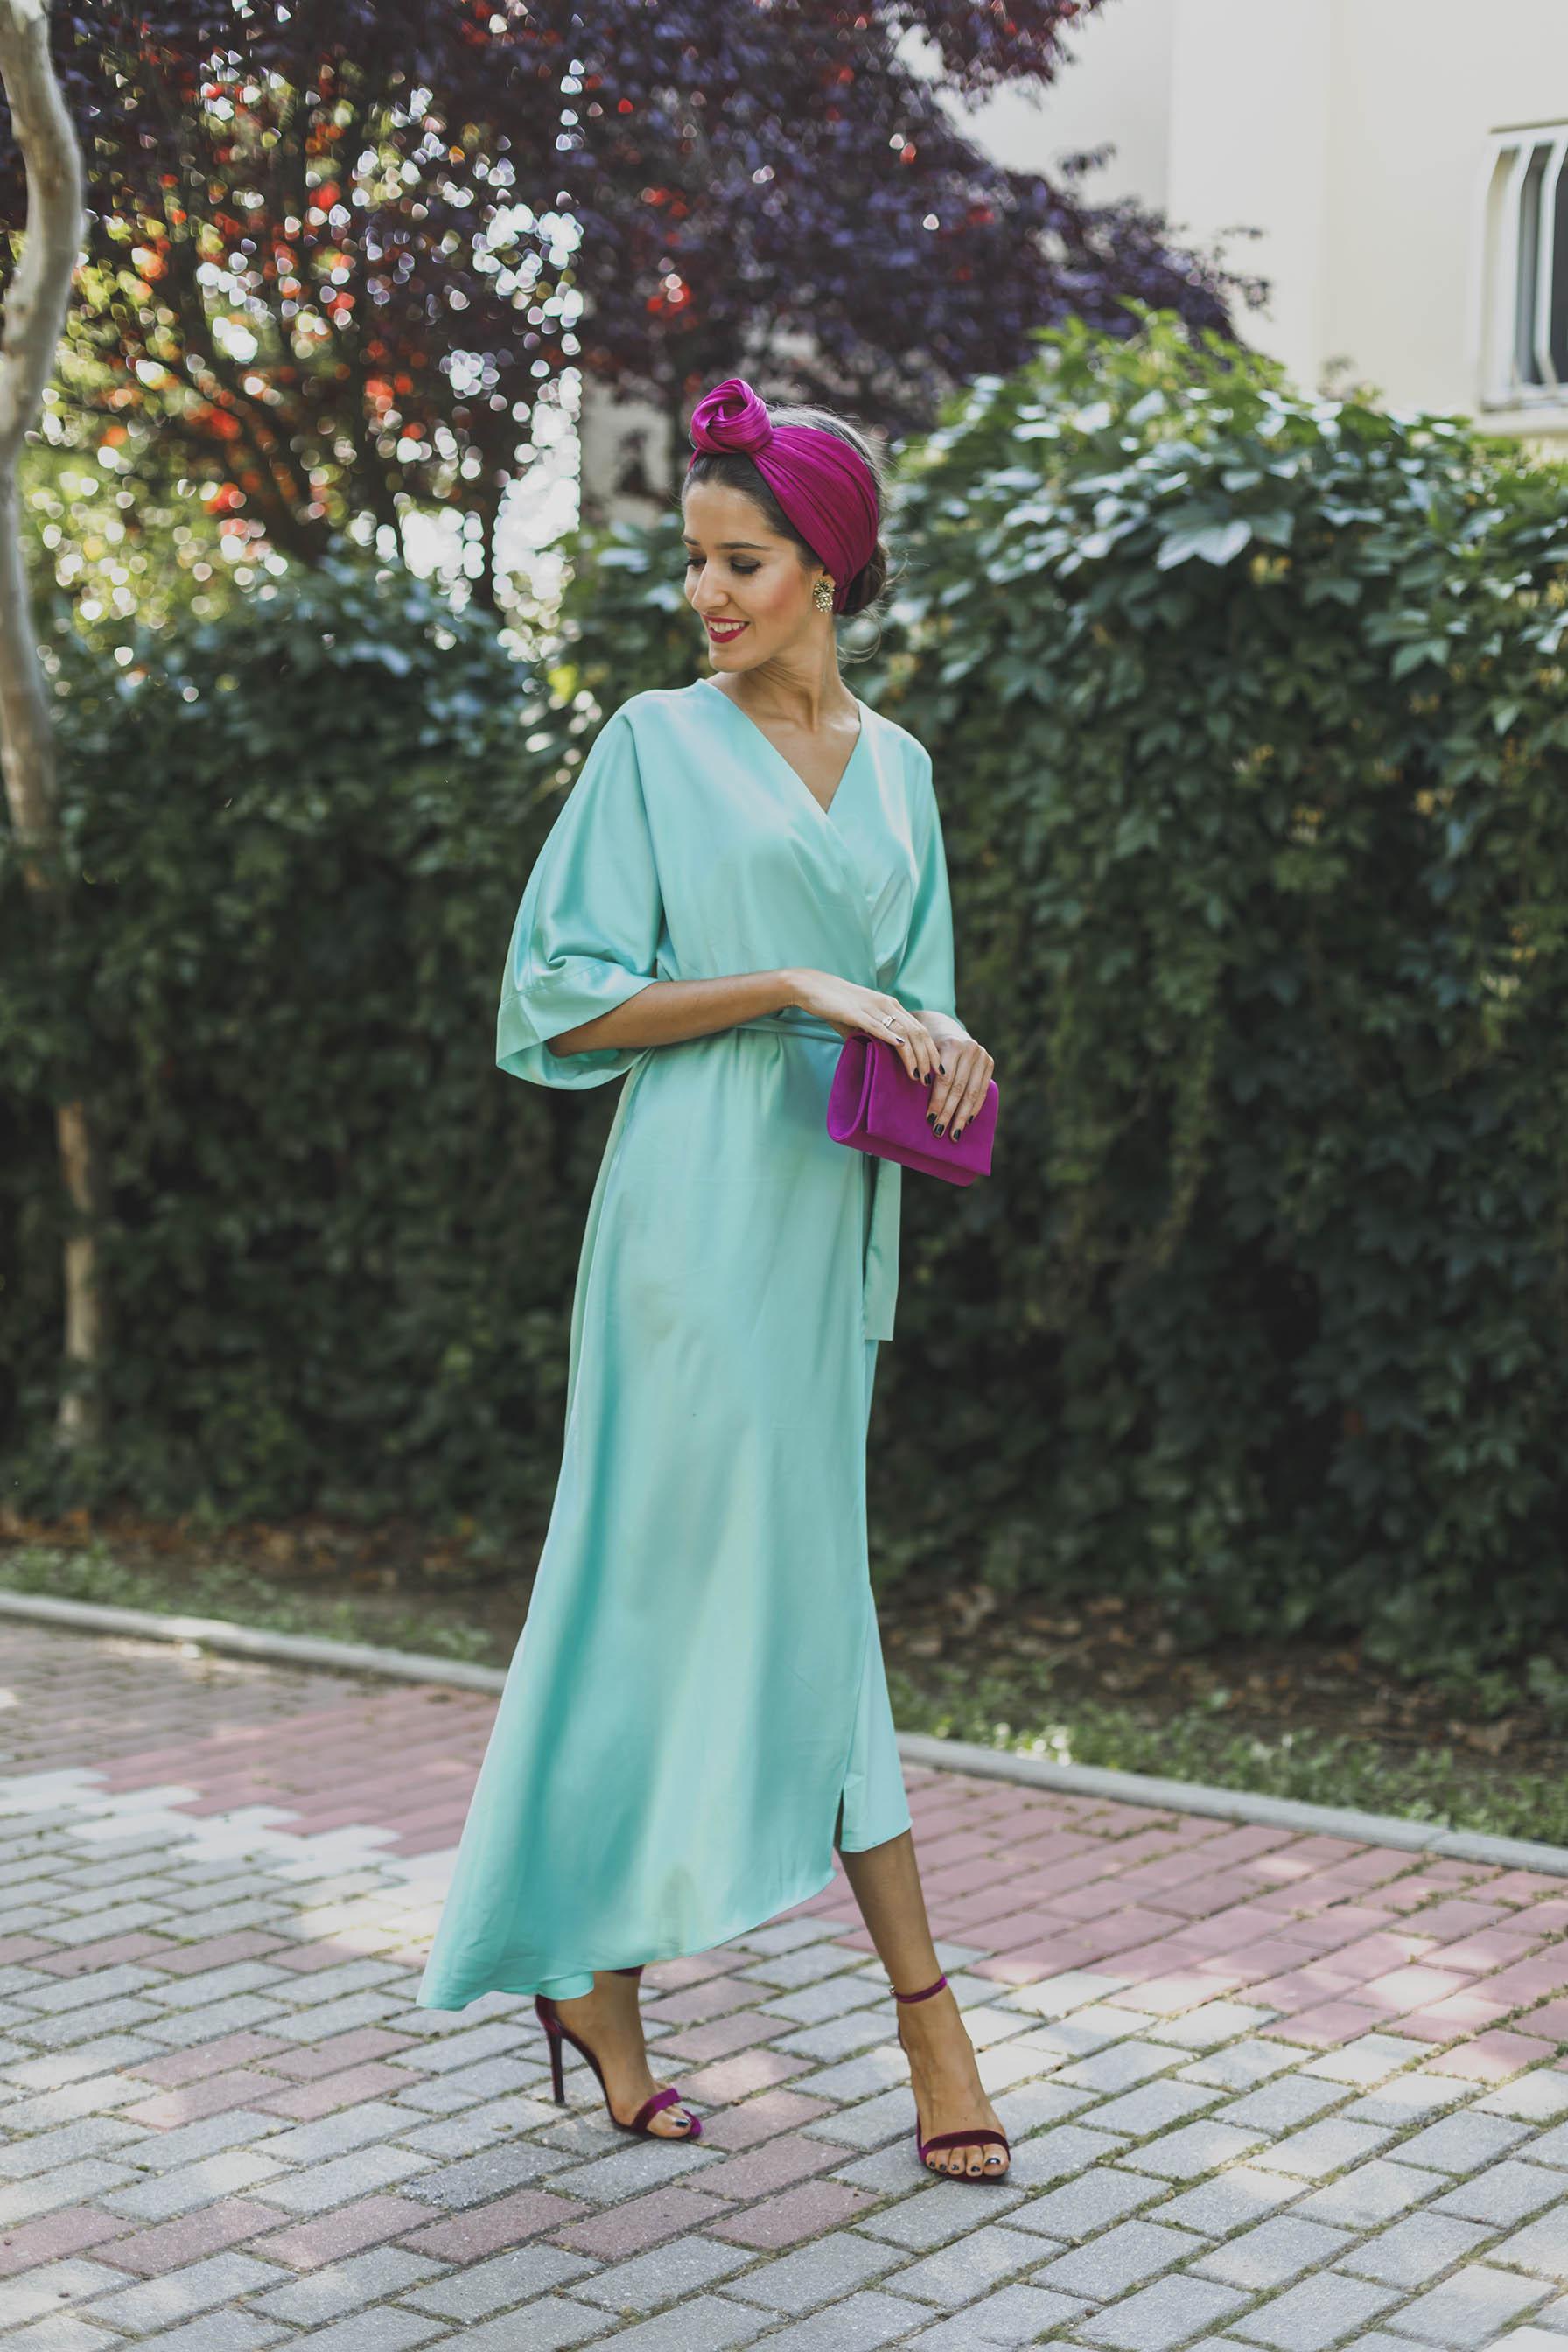 Invitada boda vestido turquesa